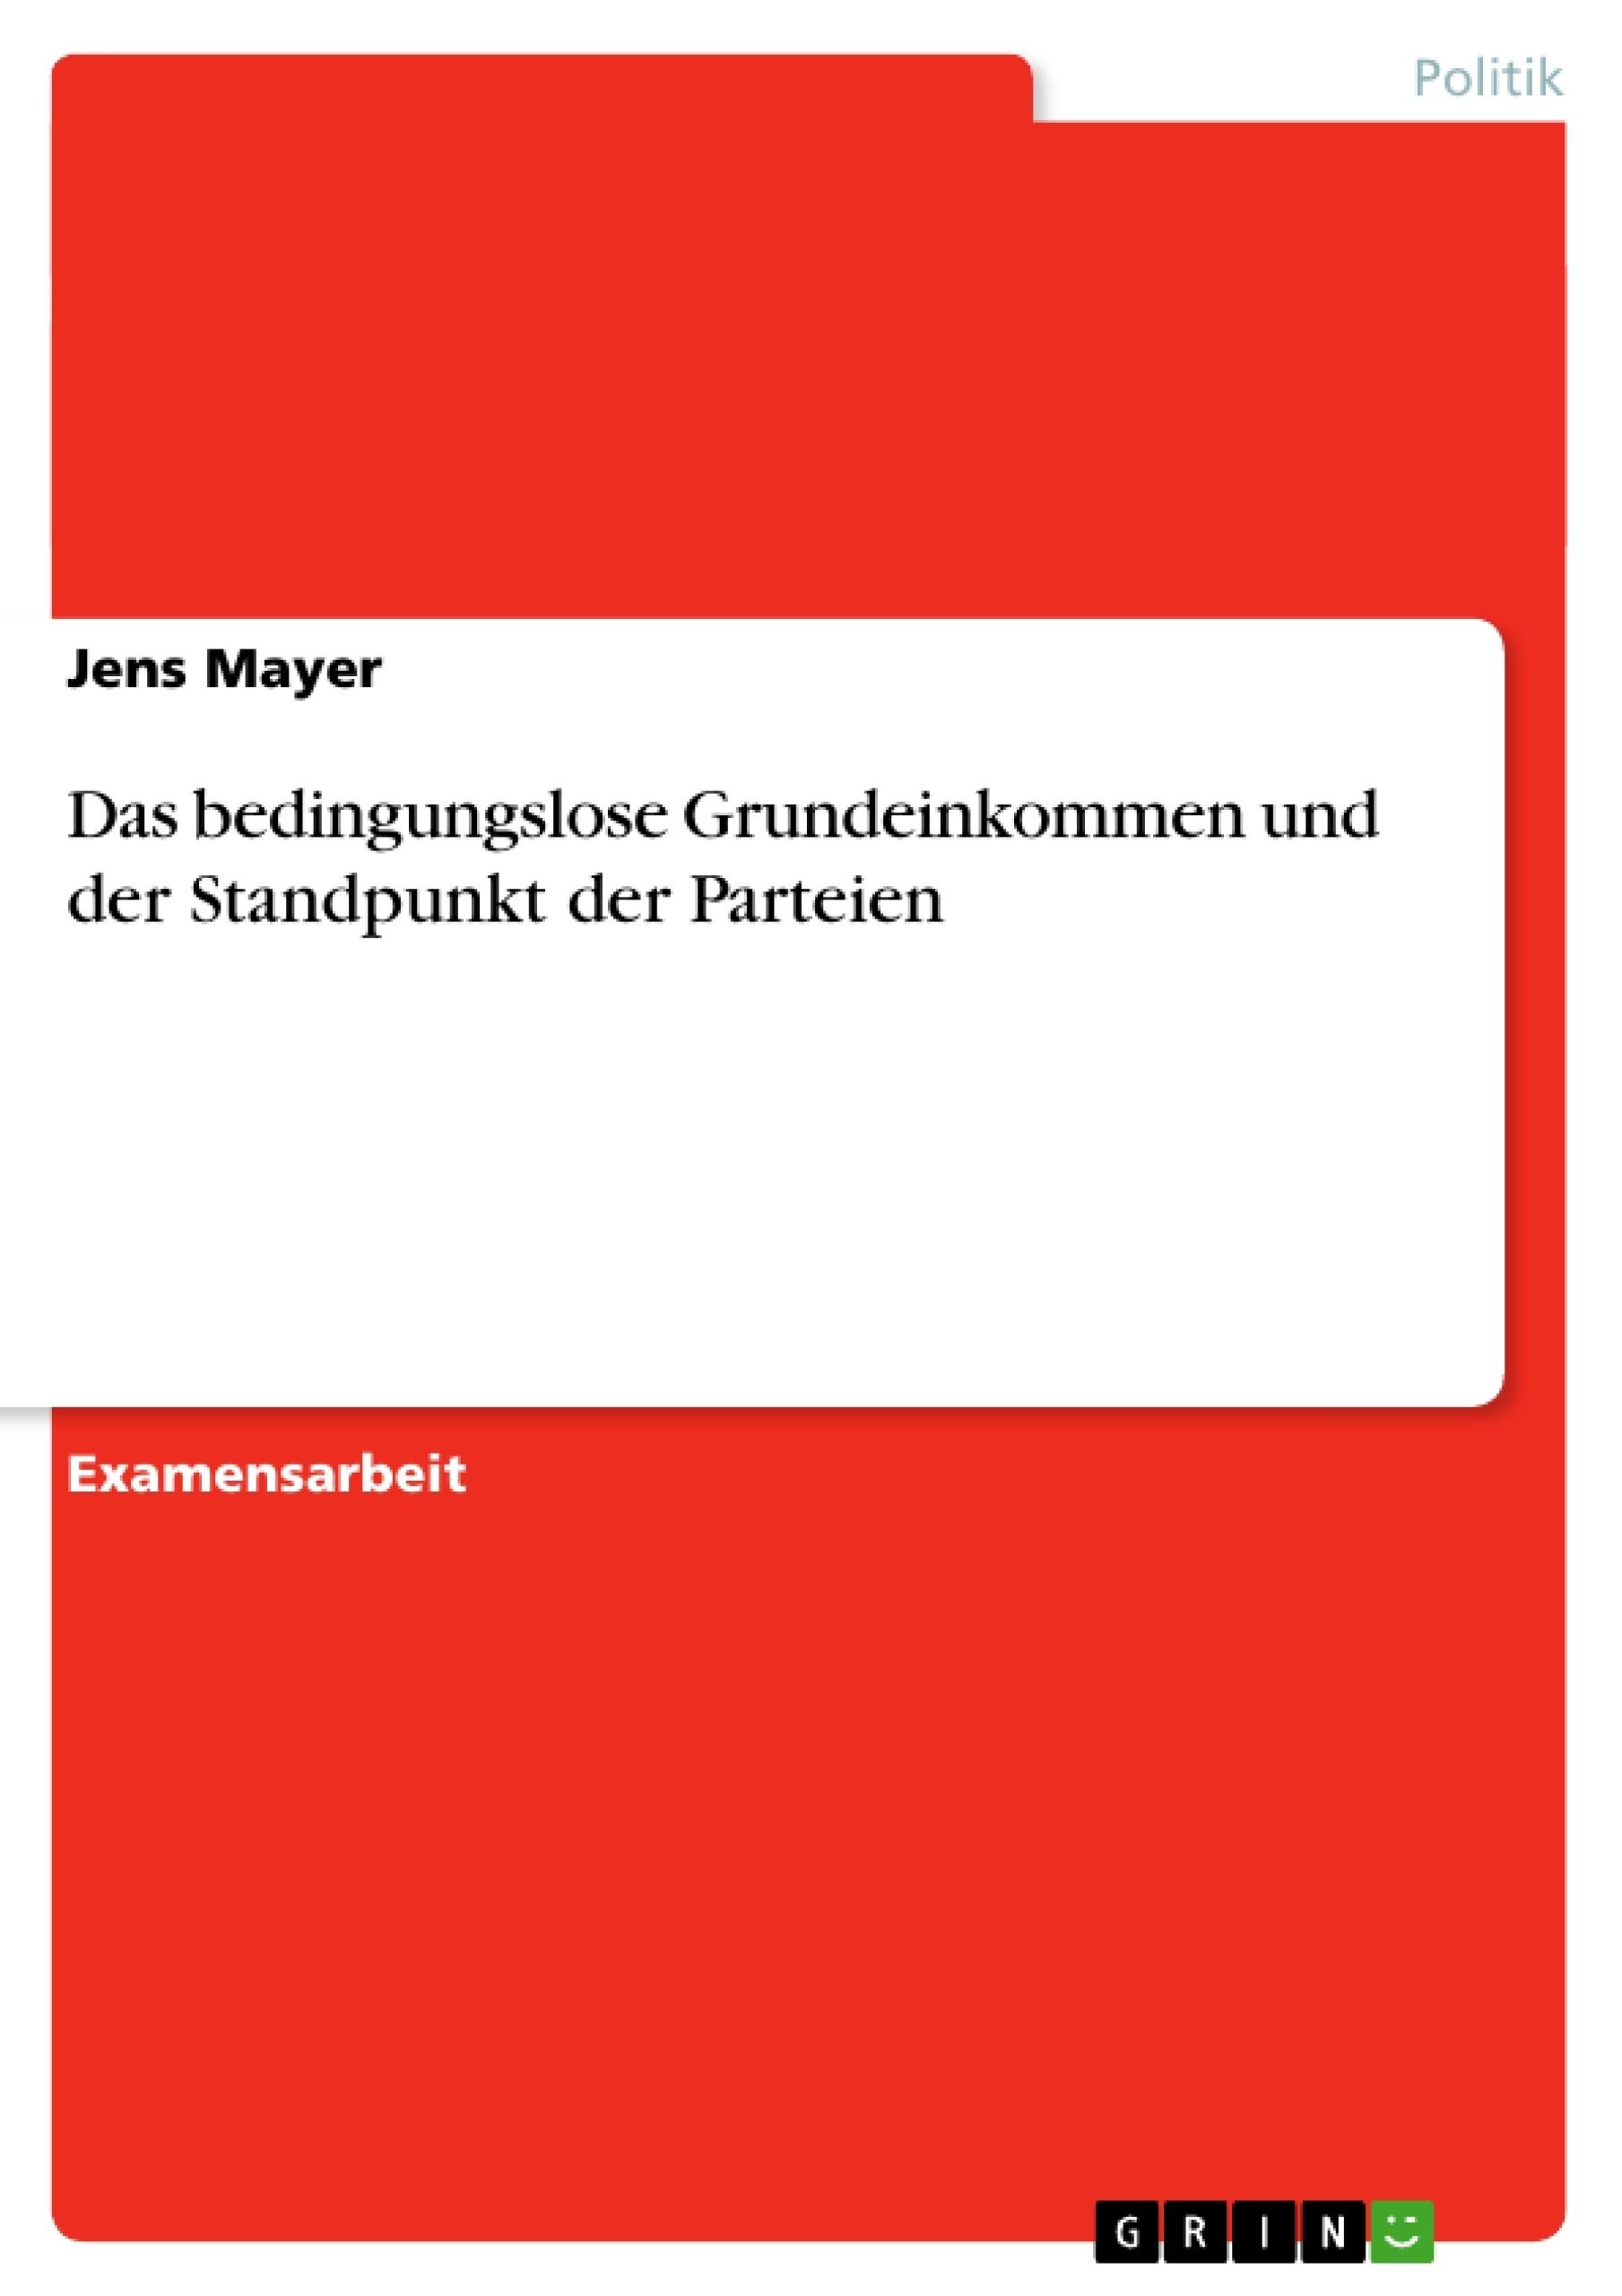 Titel: Das bedingungslose Grundeinkommen und der Standpunkt der Parteien